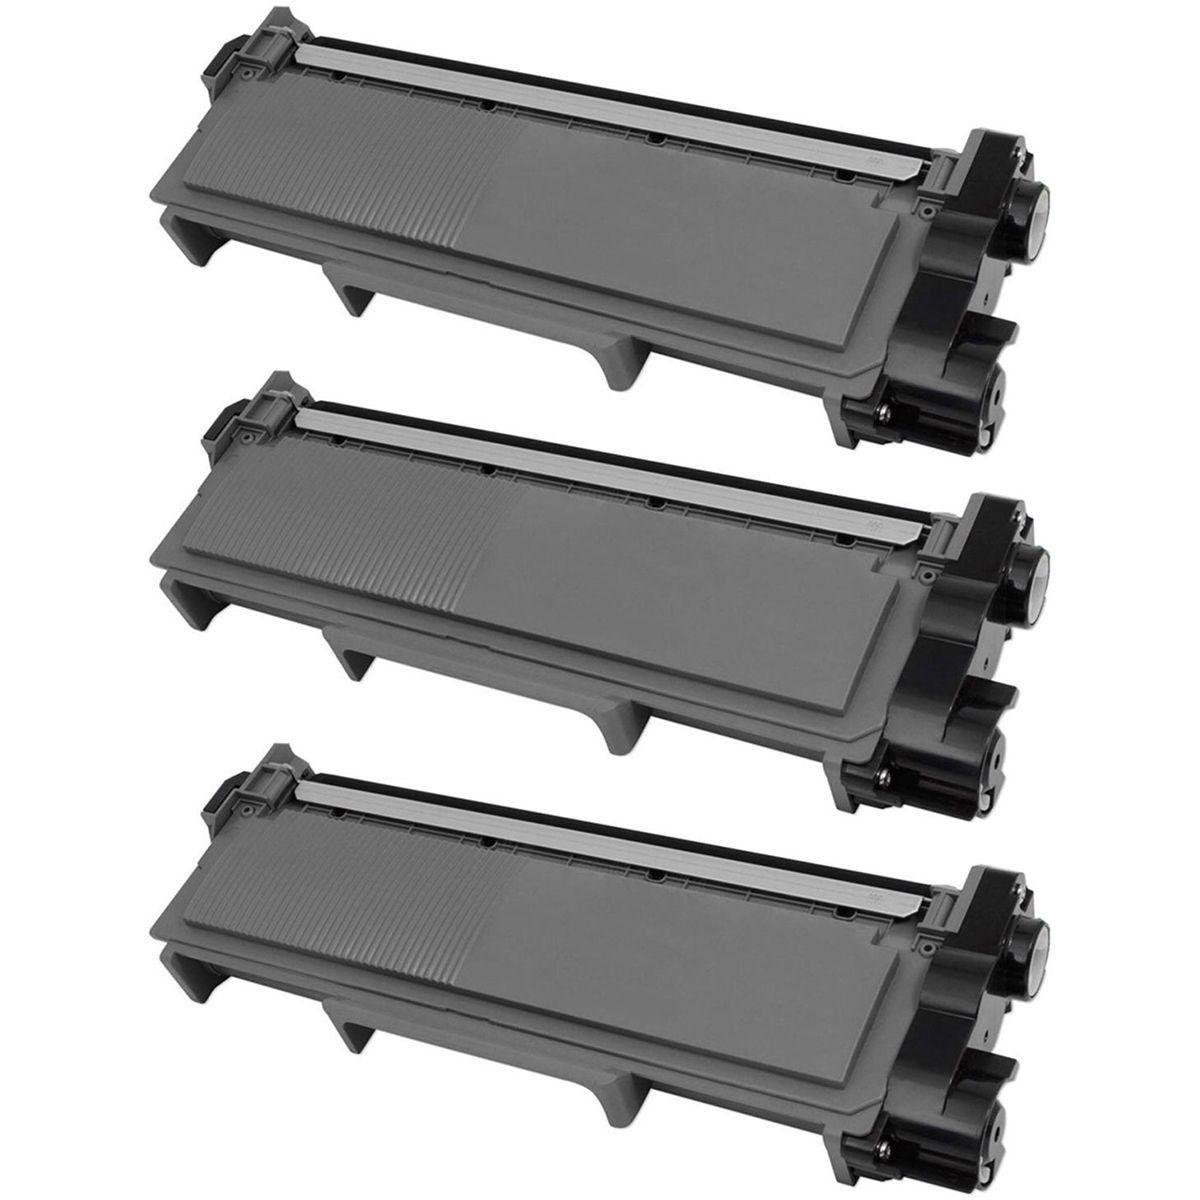 Compatível: kit 3x Toner TN-2340 TN-2370 TN-660 para Brother L2520 L2320 L2360 L2540 L2740 L2720 L2380 / Preto / 2.600